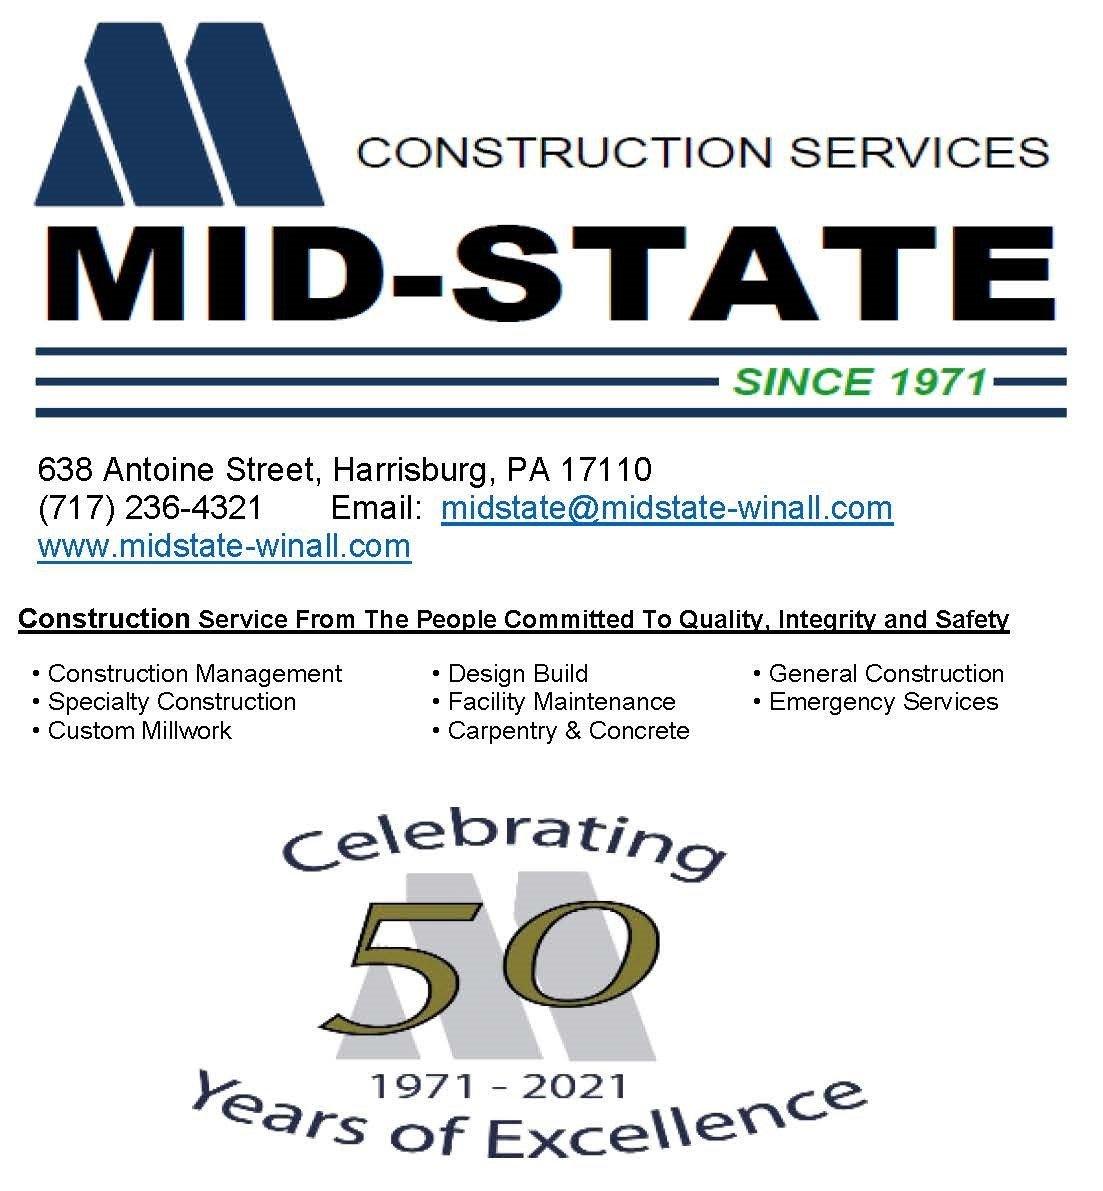 MidstateConstruction